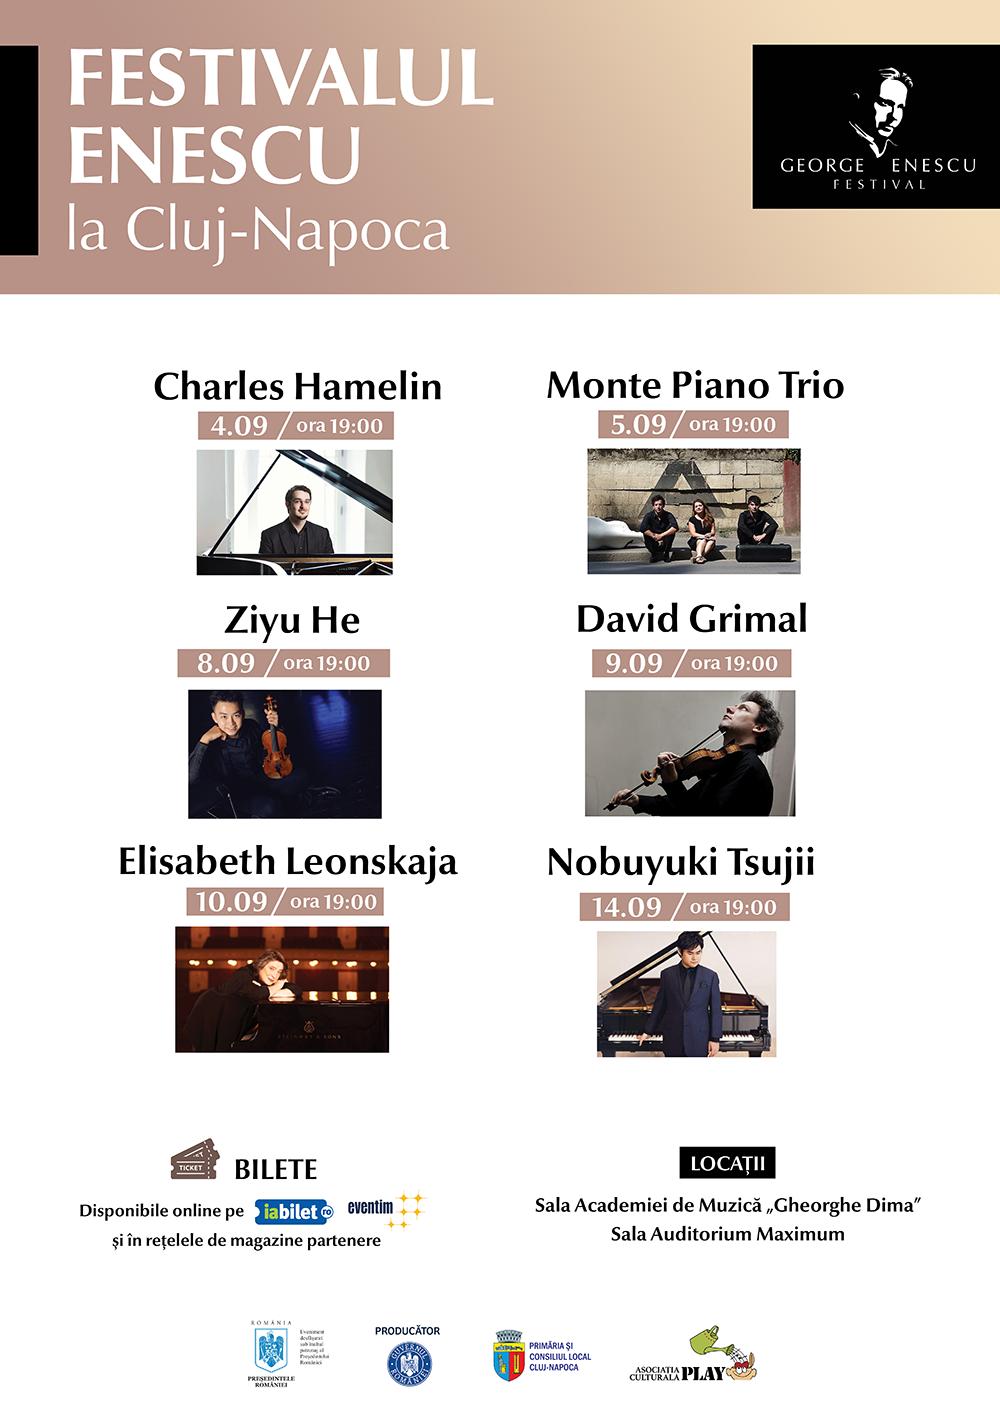 Festivalul Enescu la Cluj-Napoca